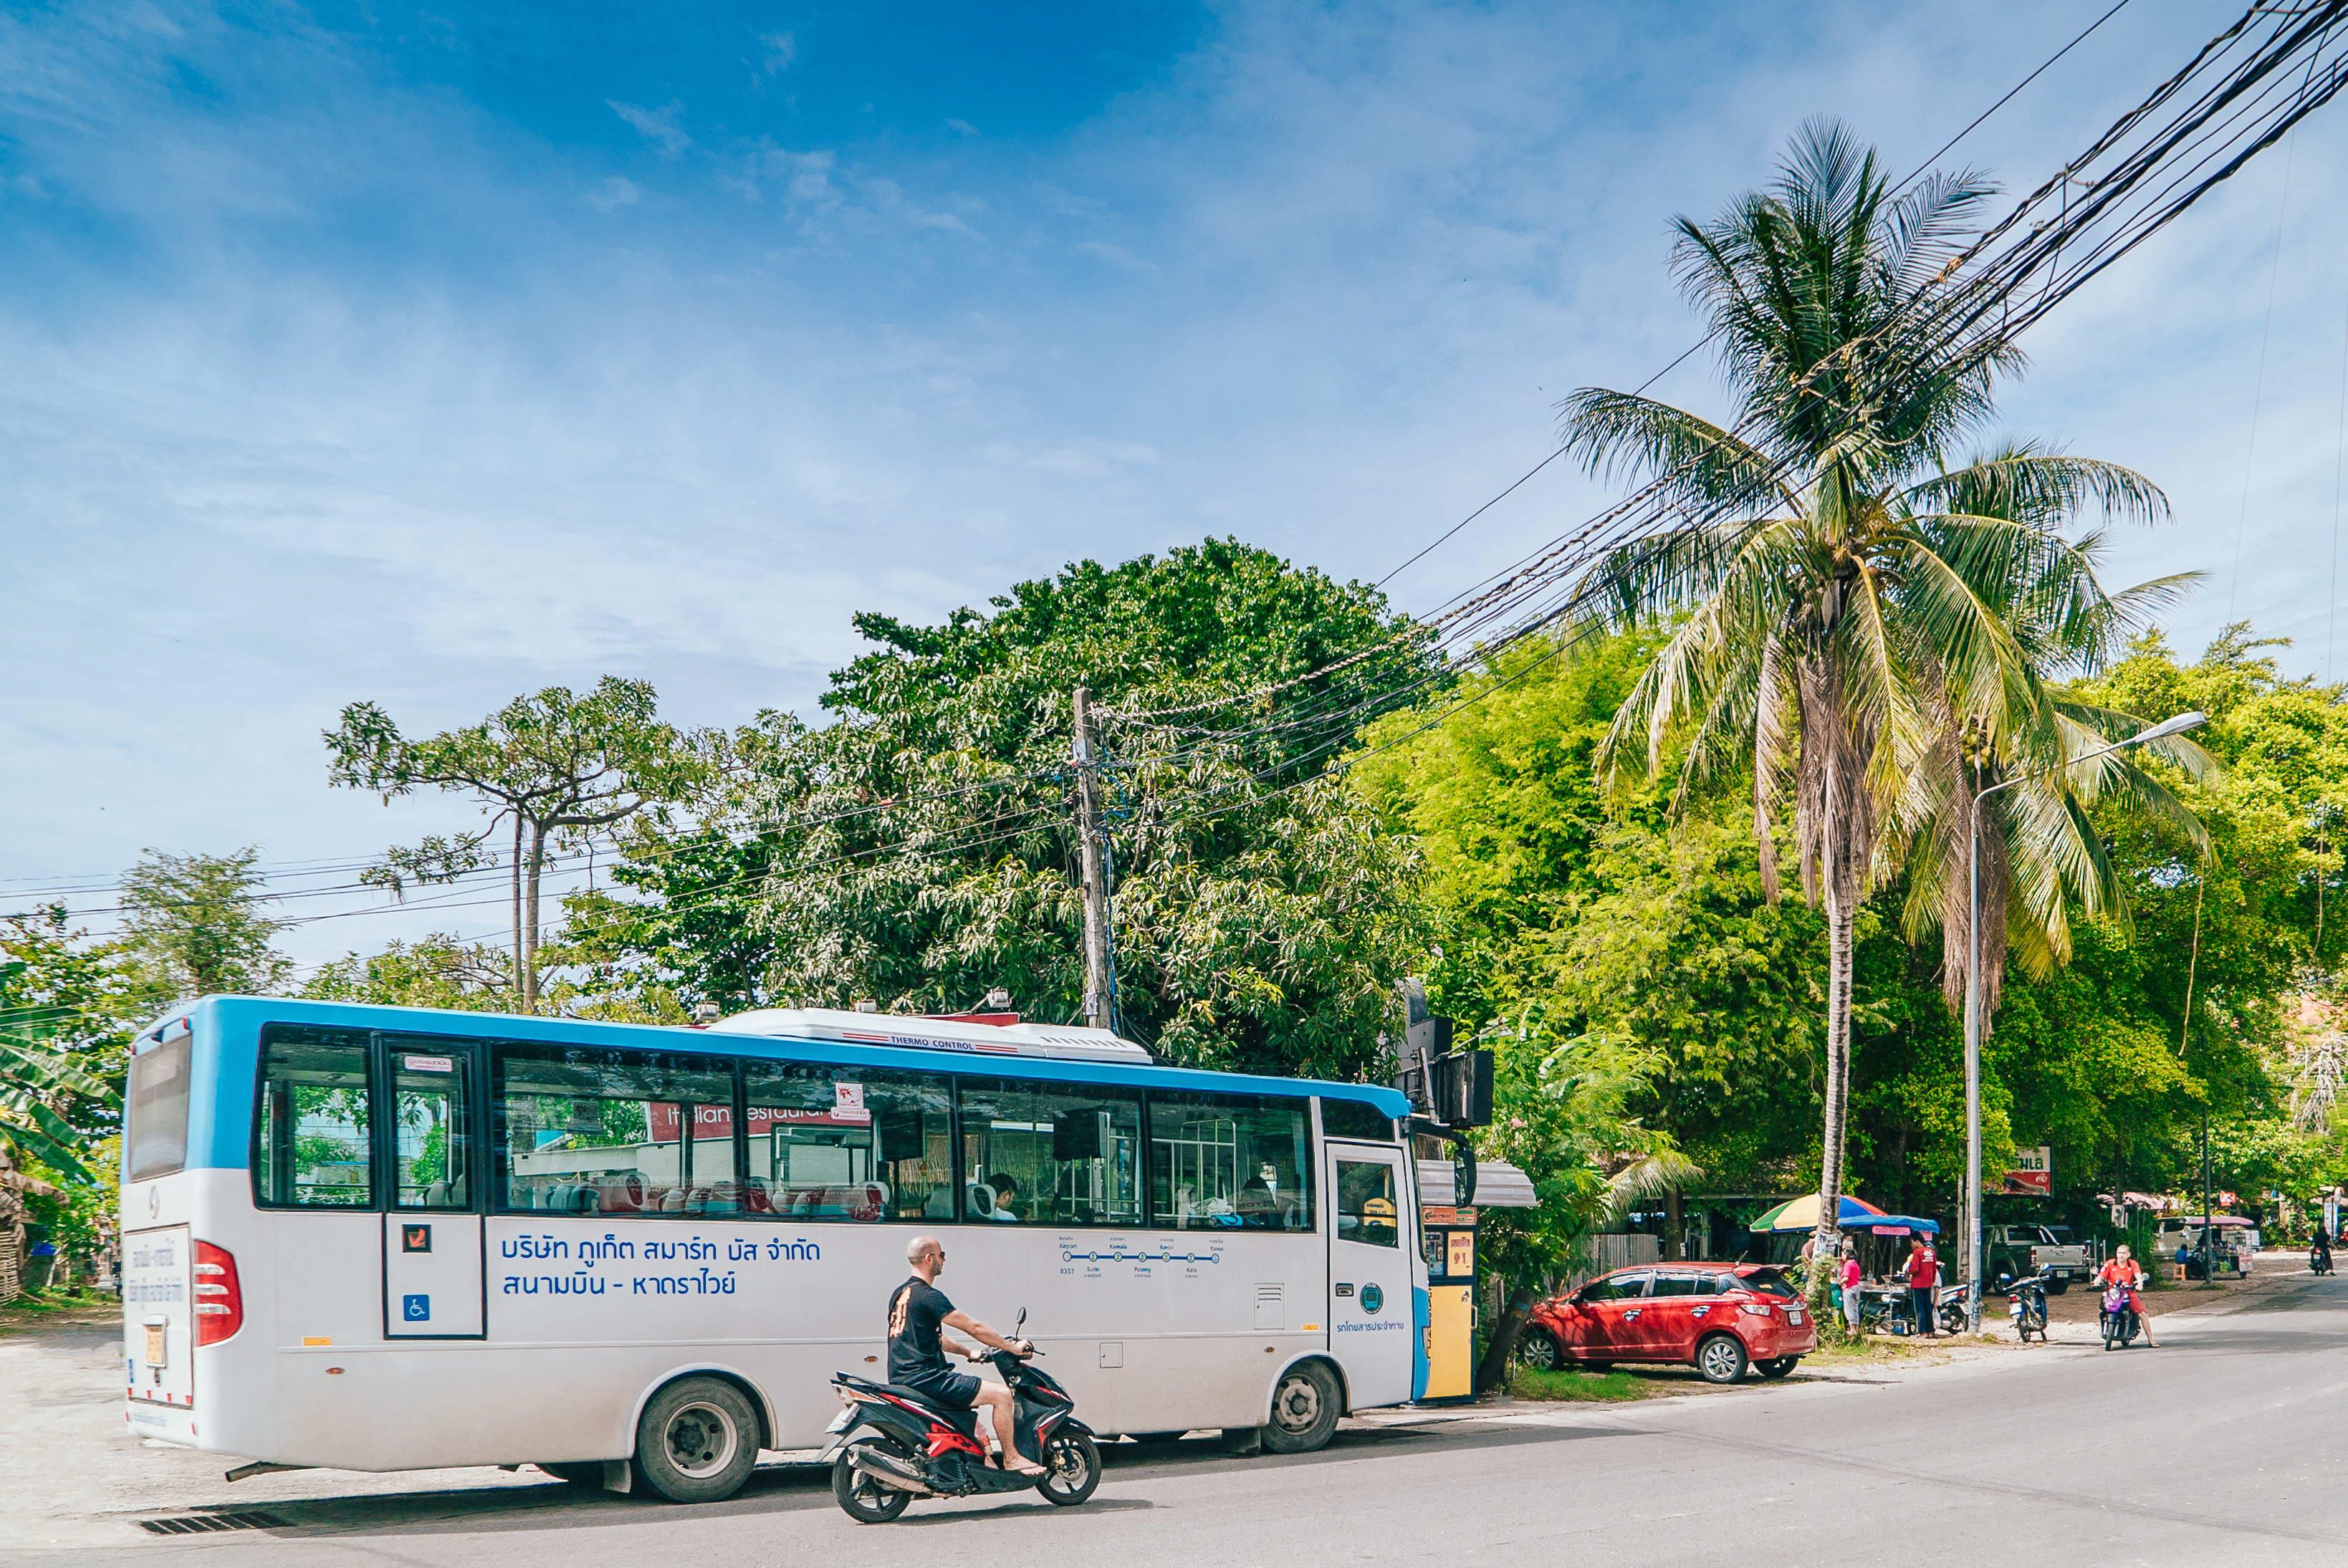 Более тысячи туристических автобусов простаивают на Пхукете из-за падения турпотока из Китая